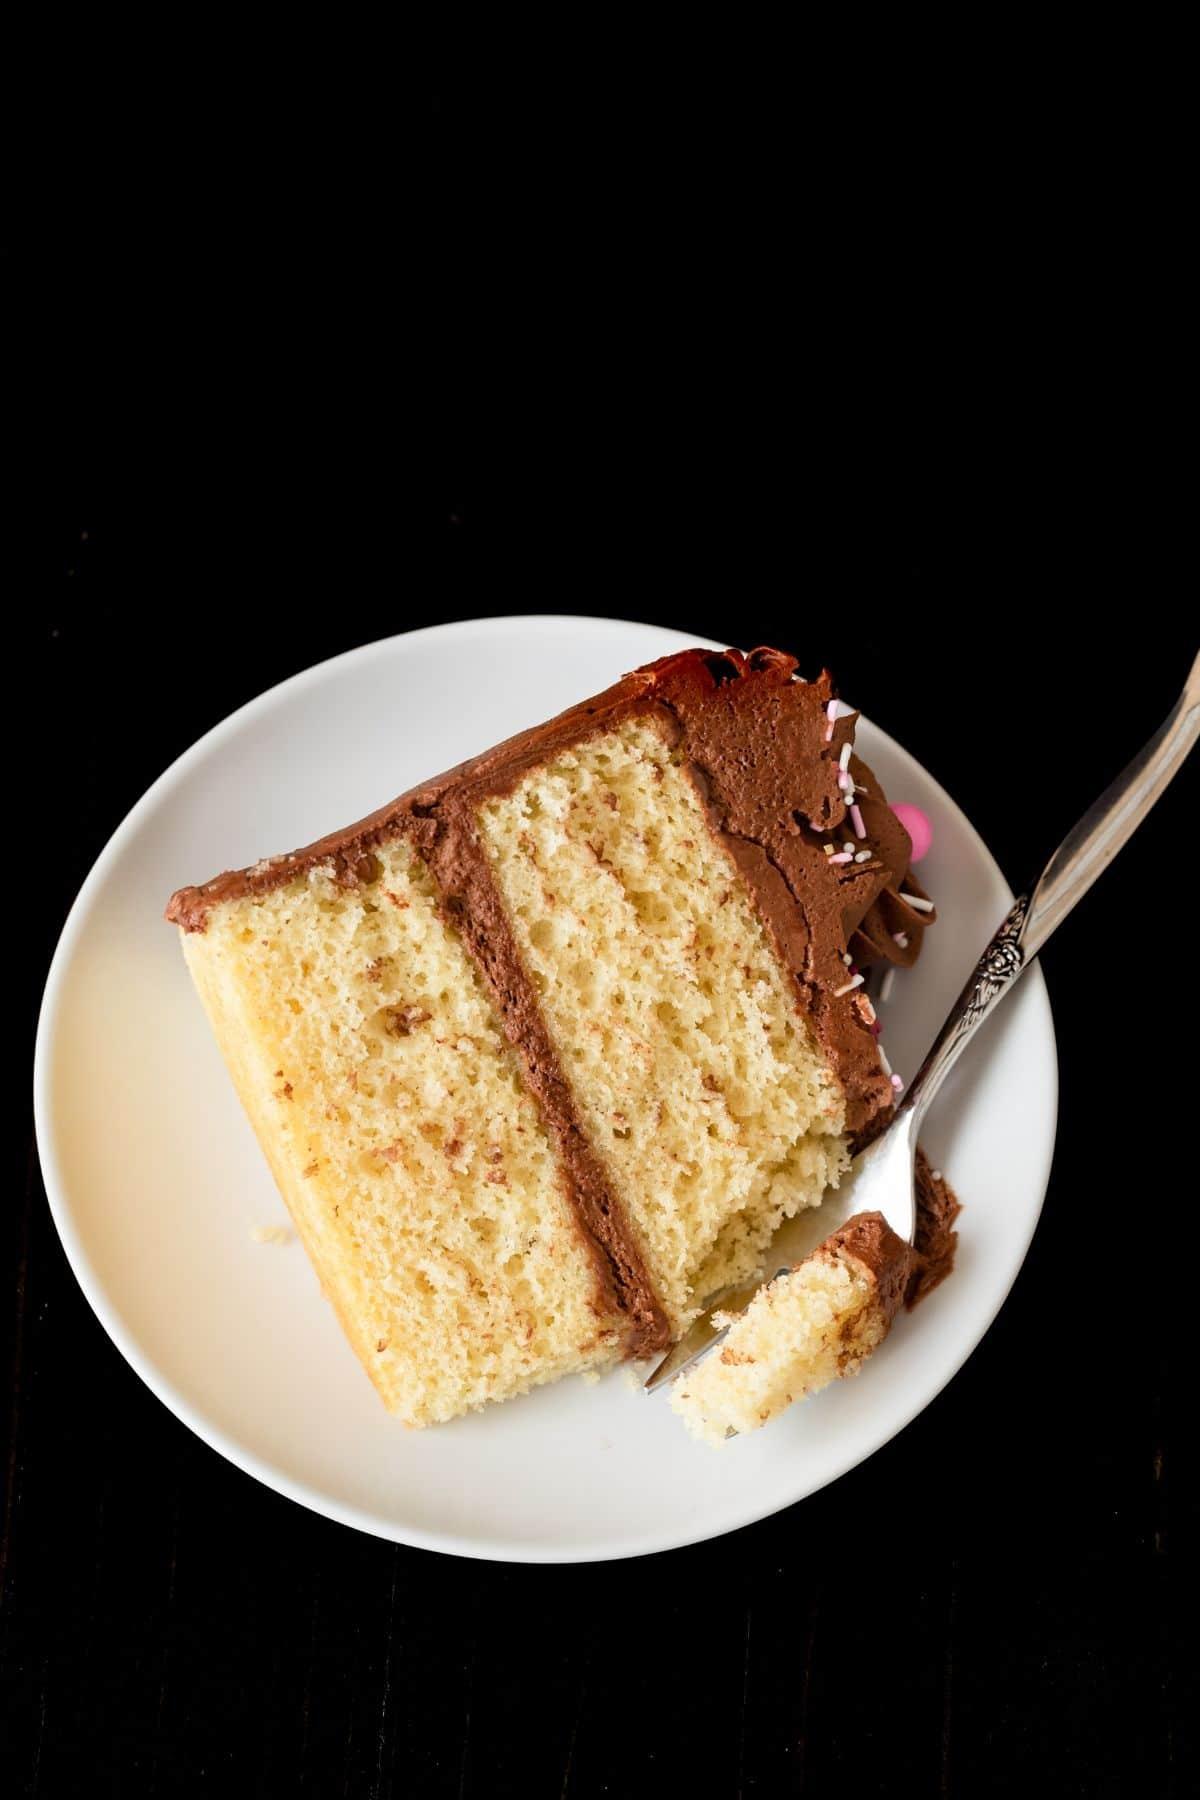 Muerde un trozo de pastel de cumpleaños en un plato blanco con un tenedor.